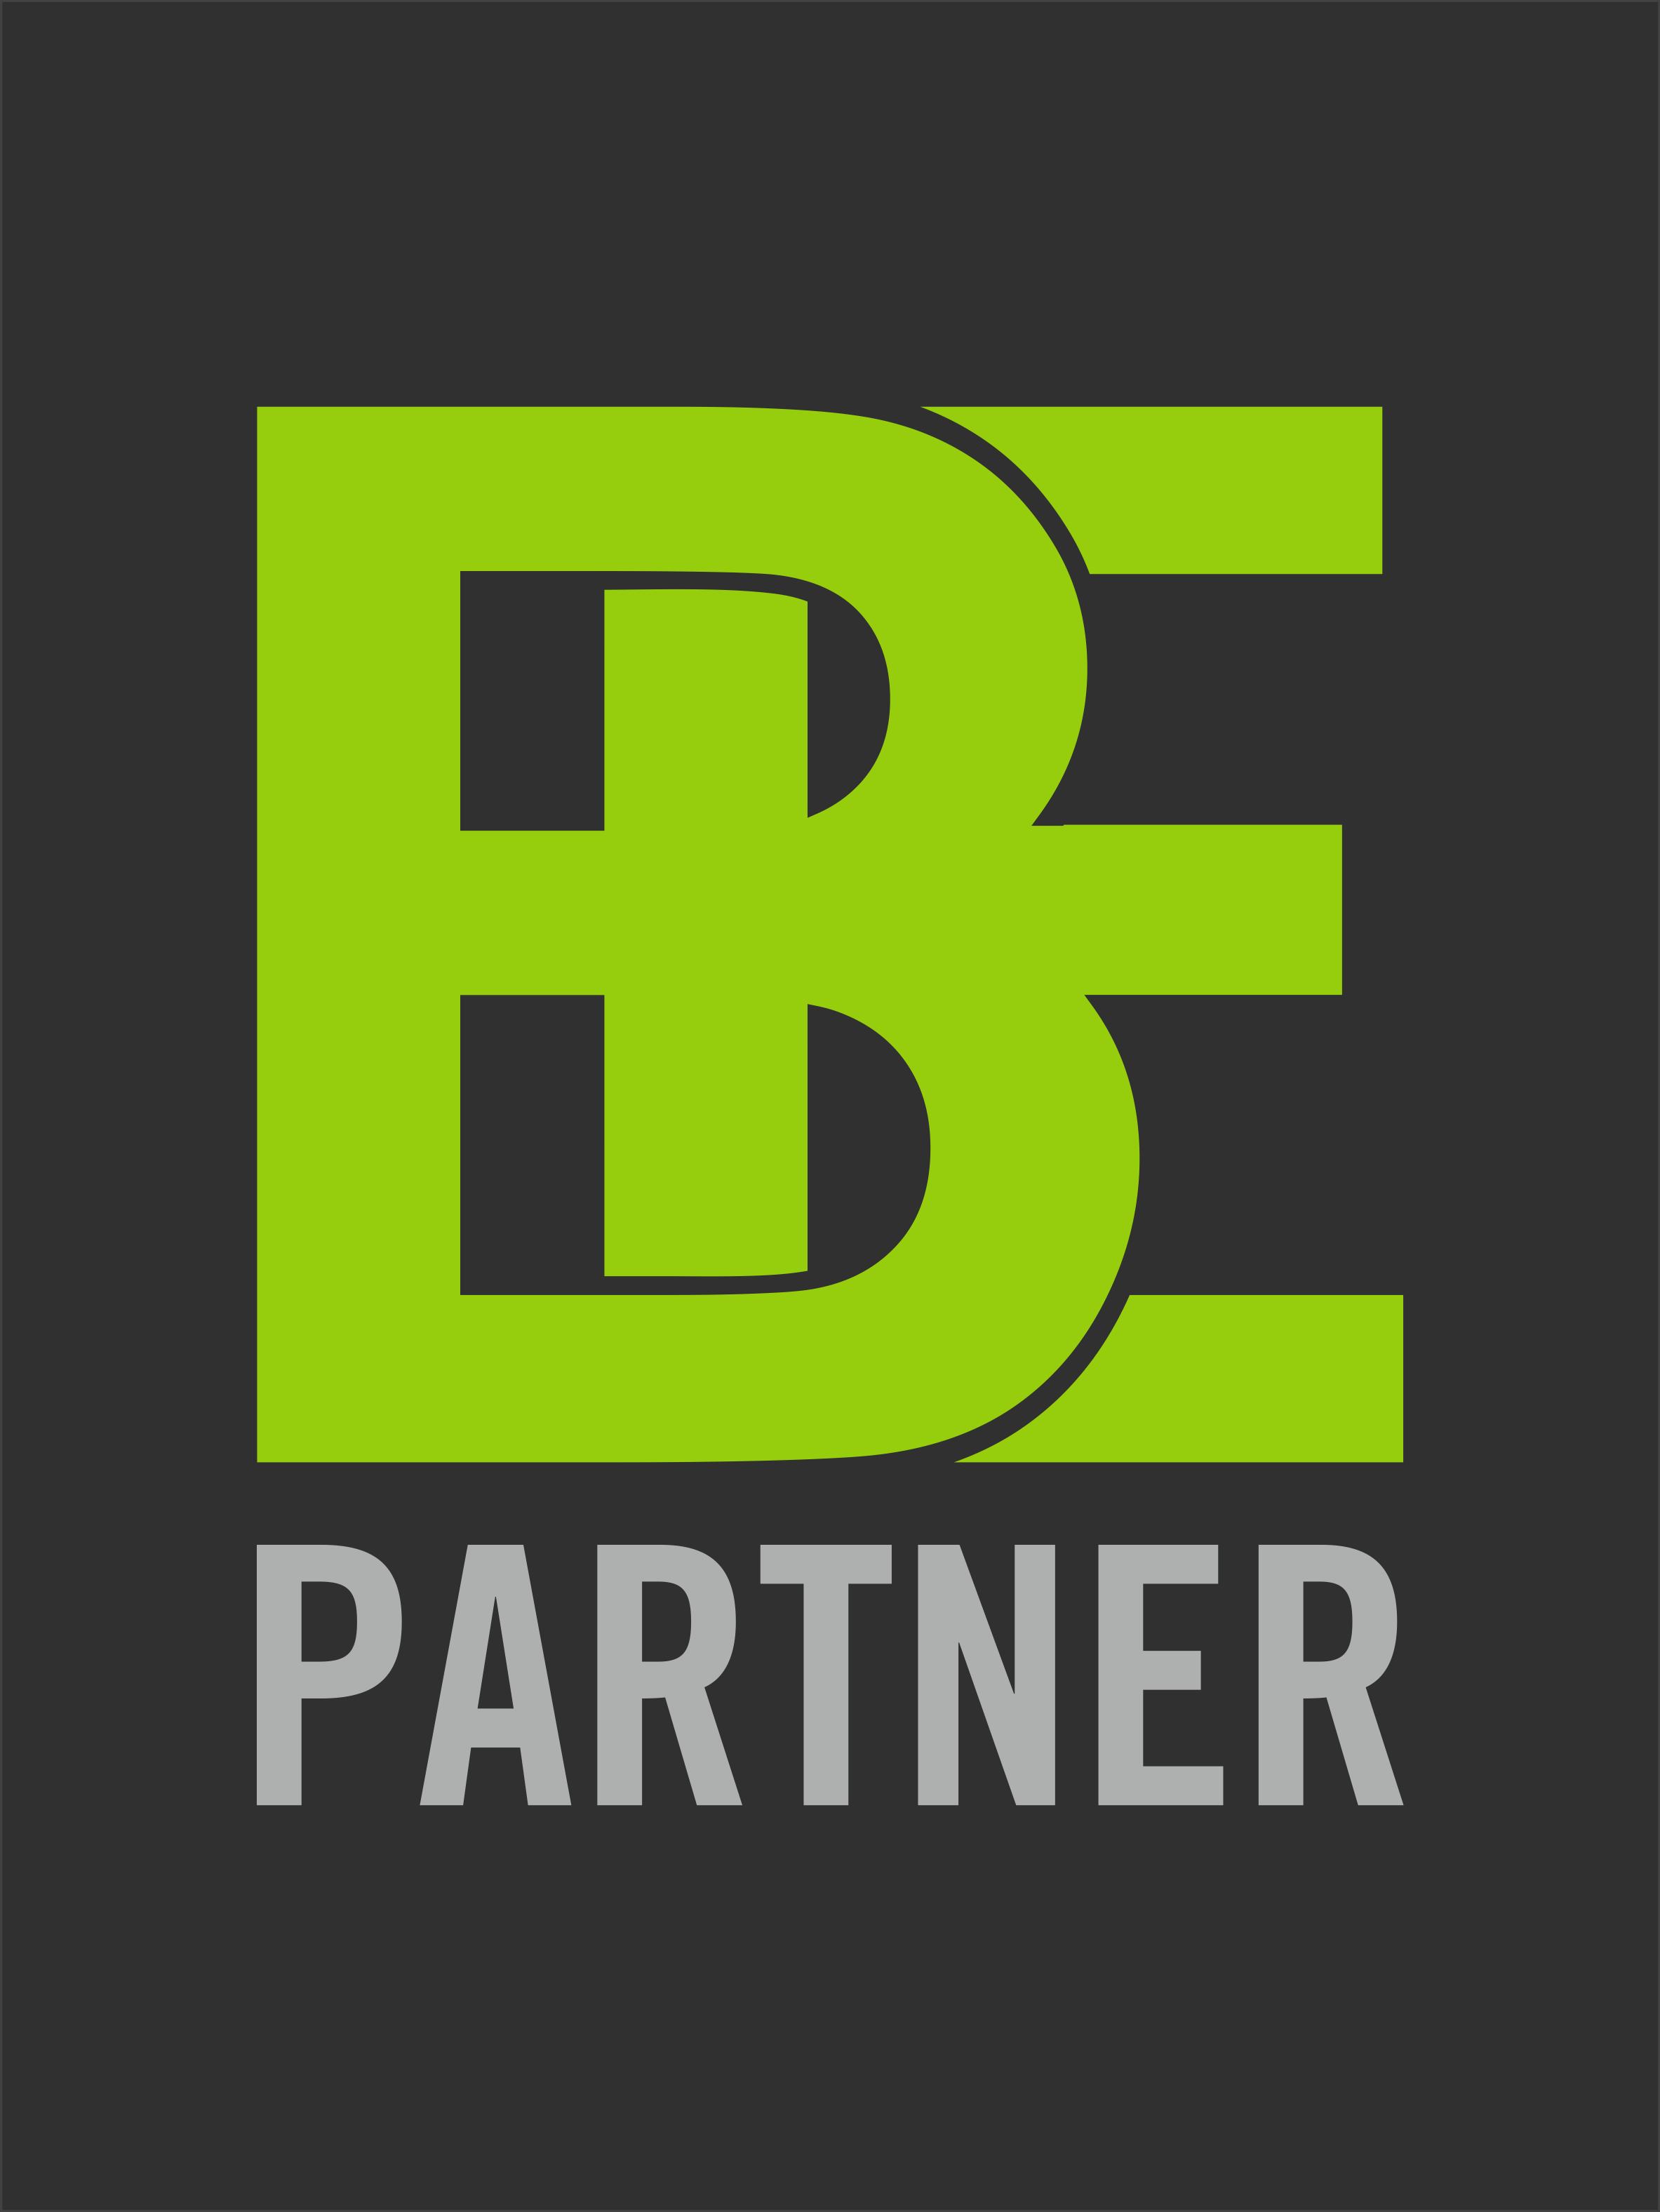 BE Partner